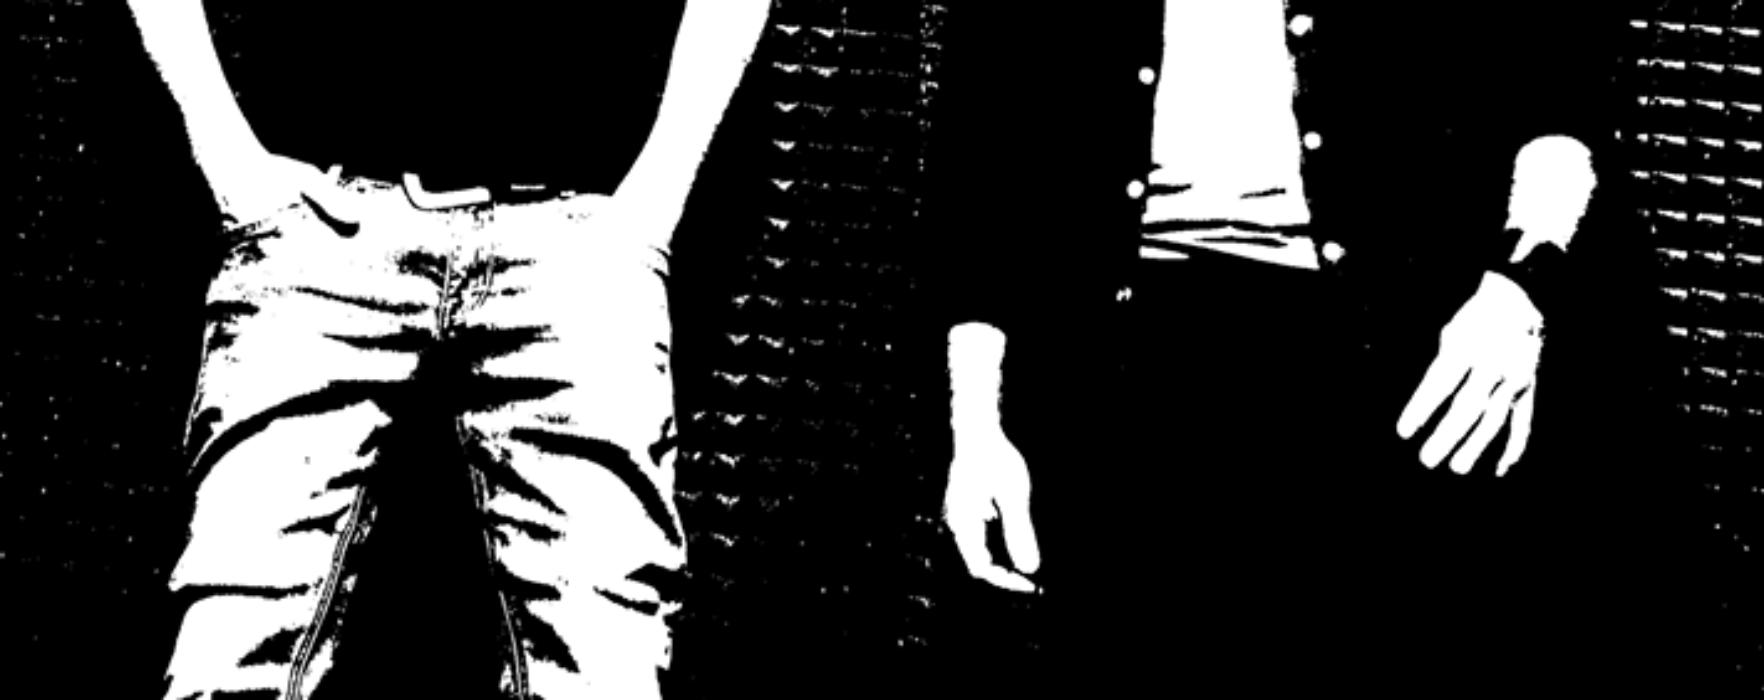 Dorom Dazed, forti tensioni emotive